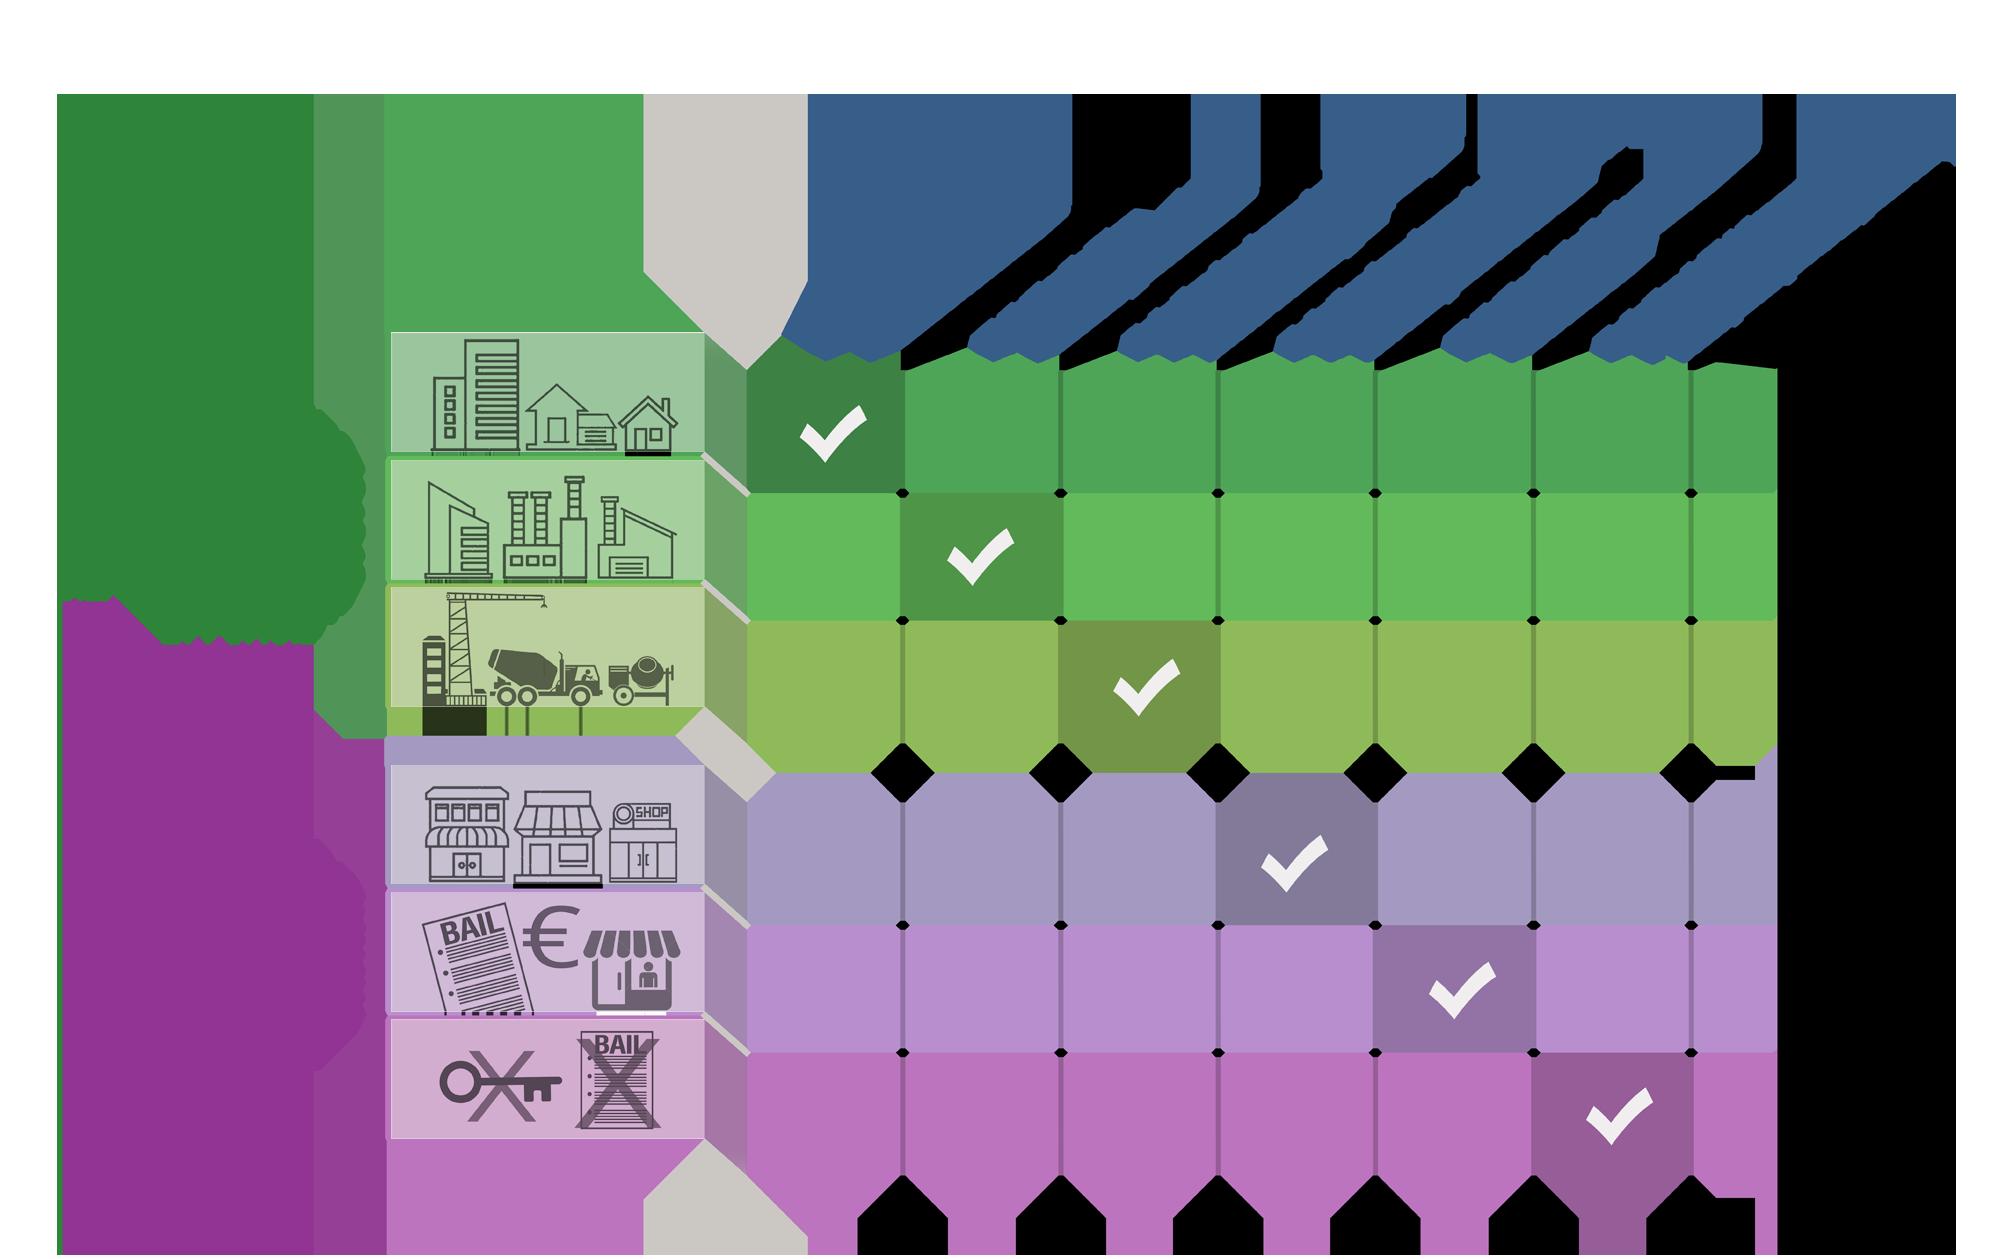 Découvrez les nombreuses formations aux méthodes d'évaluation des biens immobiliers fonciers et commerciaux, proposées par le CFEI - Centre de Formation à l'Expertise Immobilière